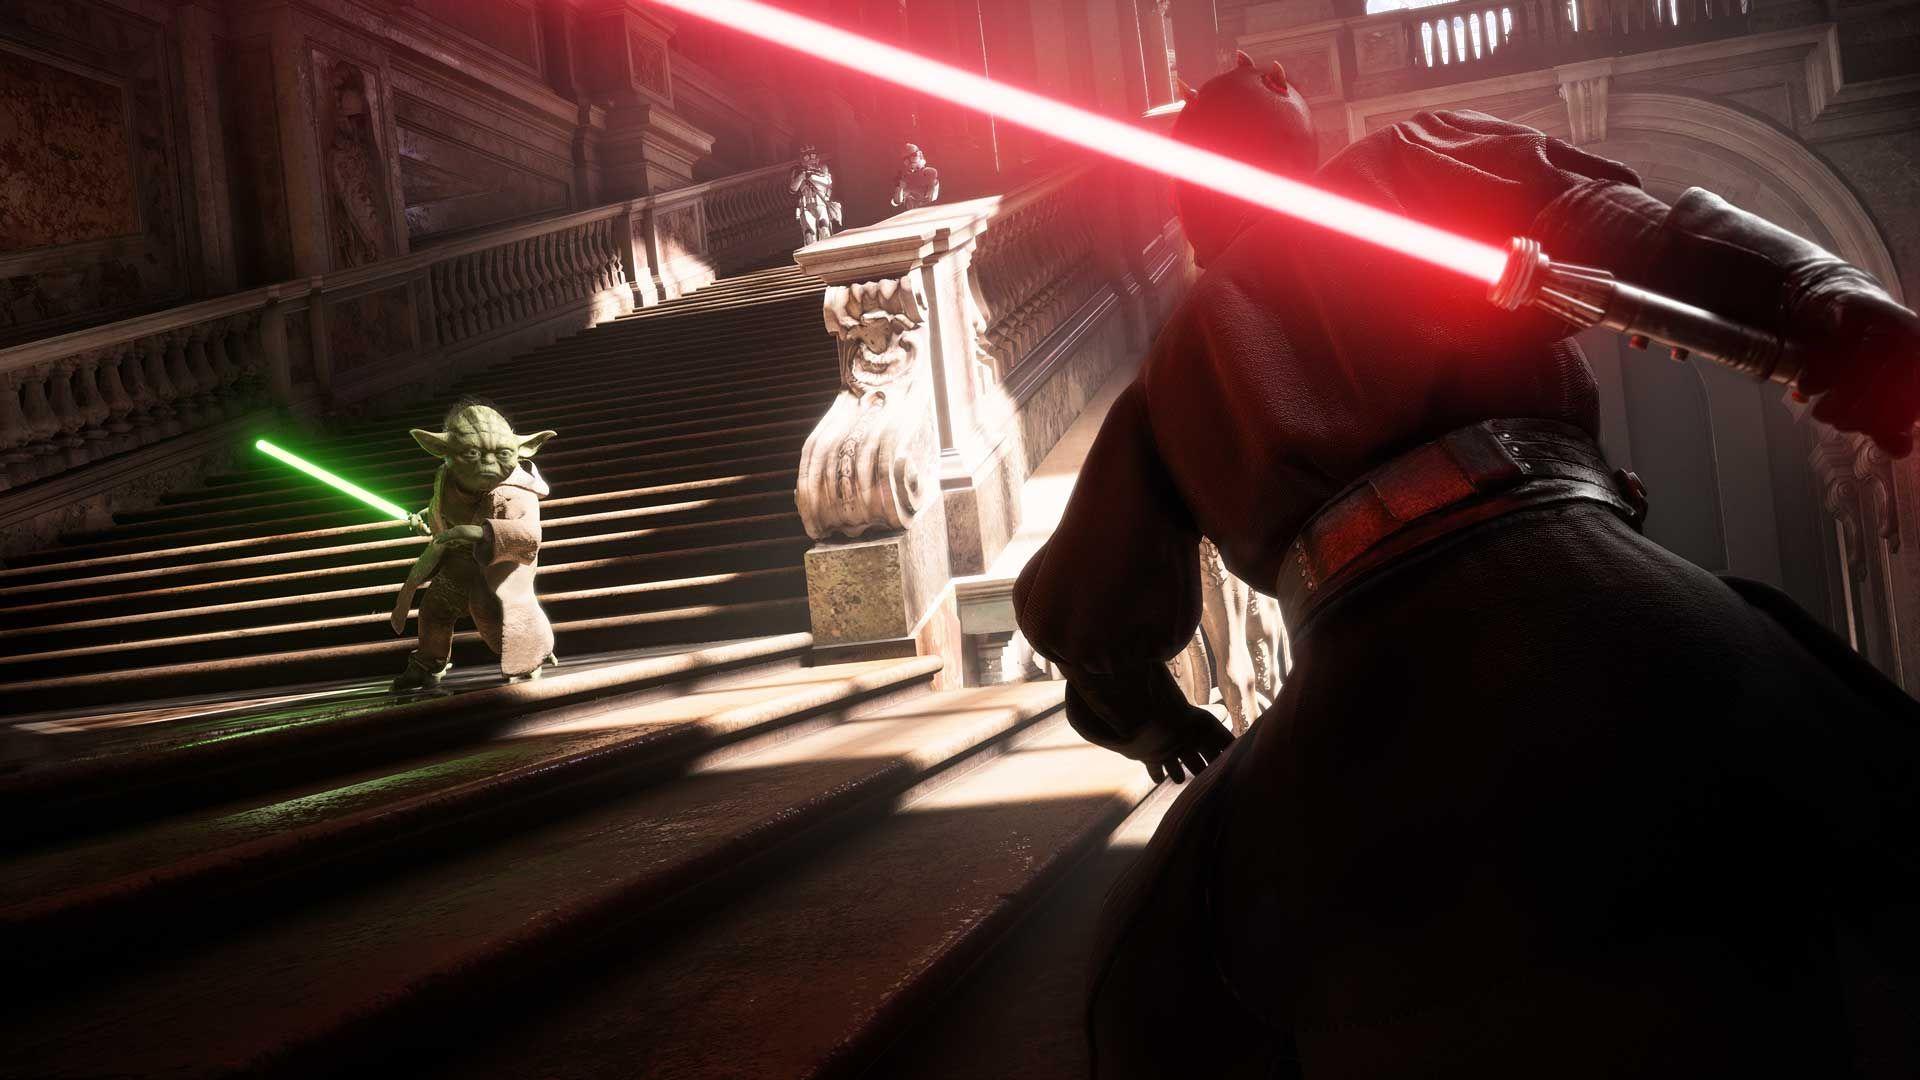 Star Wars Battlefront 2 reúne diversos personagens emblemáticos da franquia Star Wars. (Foto: Divulgação/Electronic Arts)